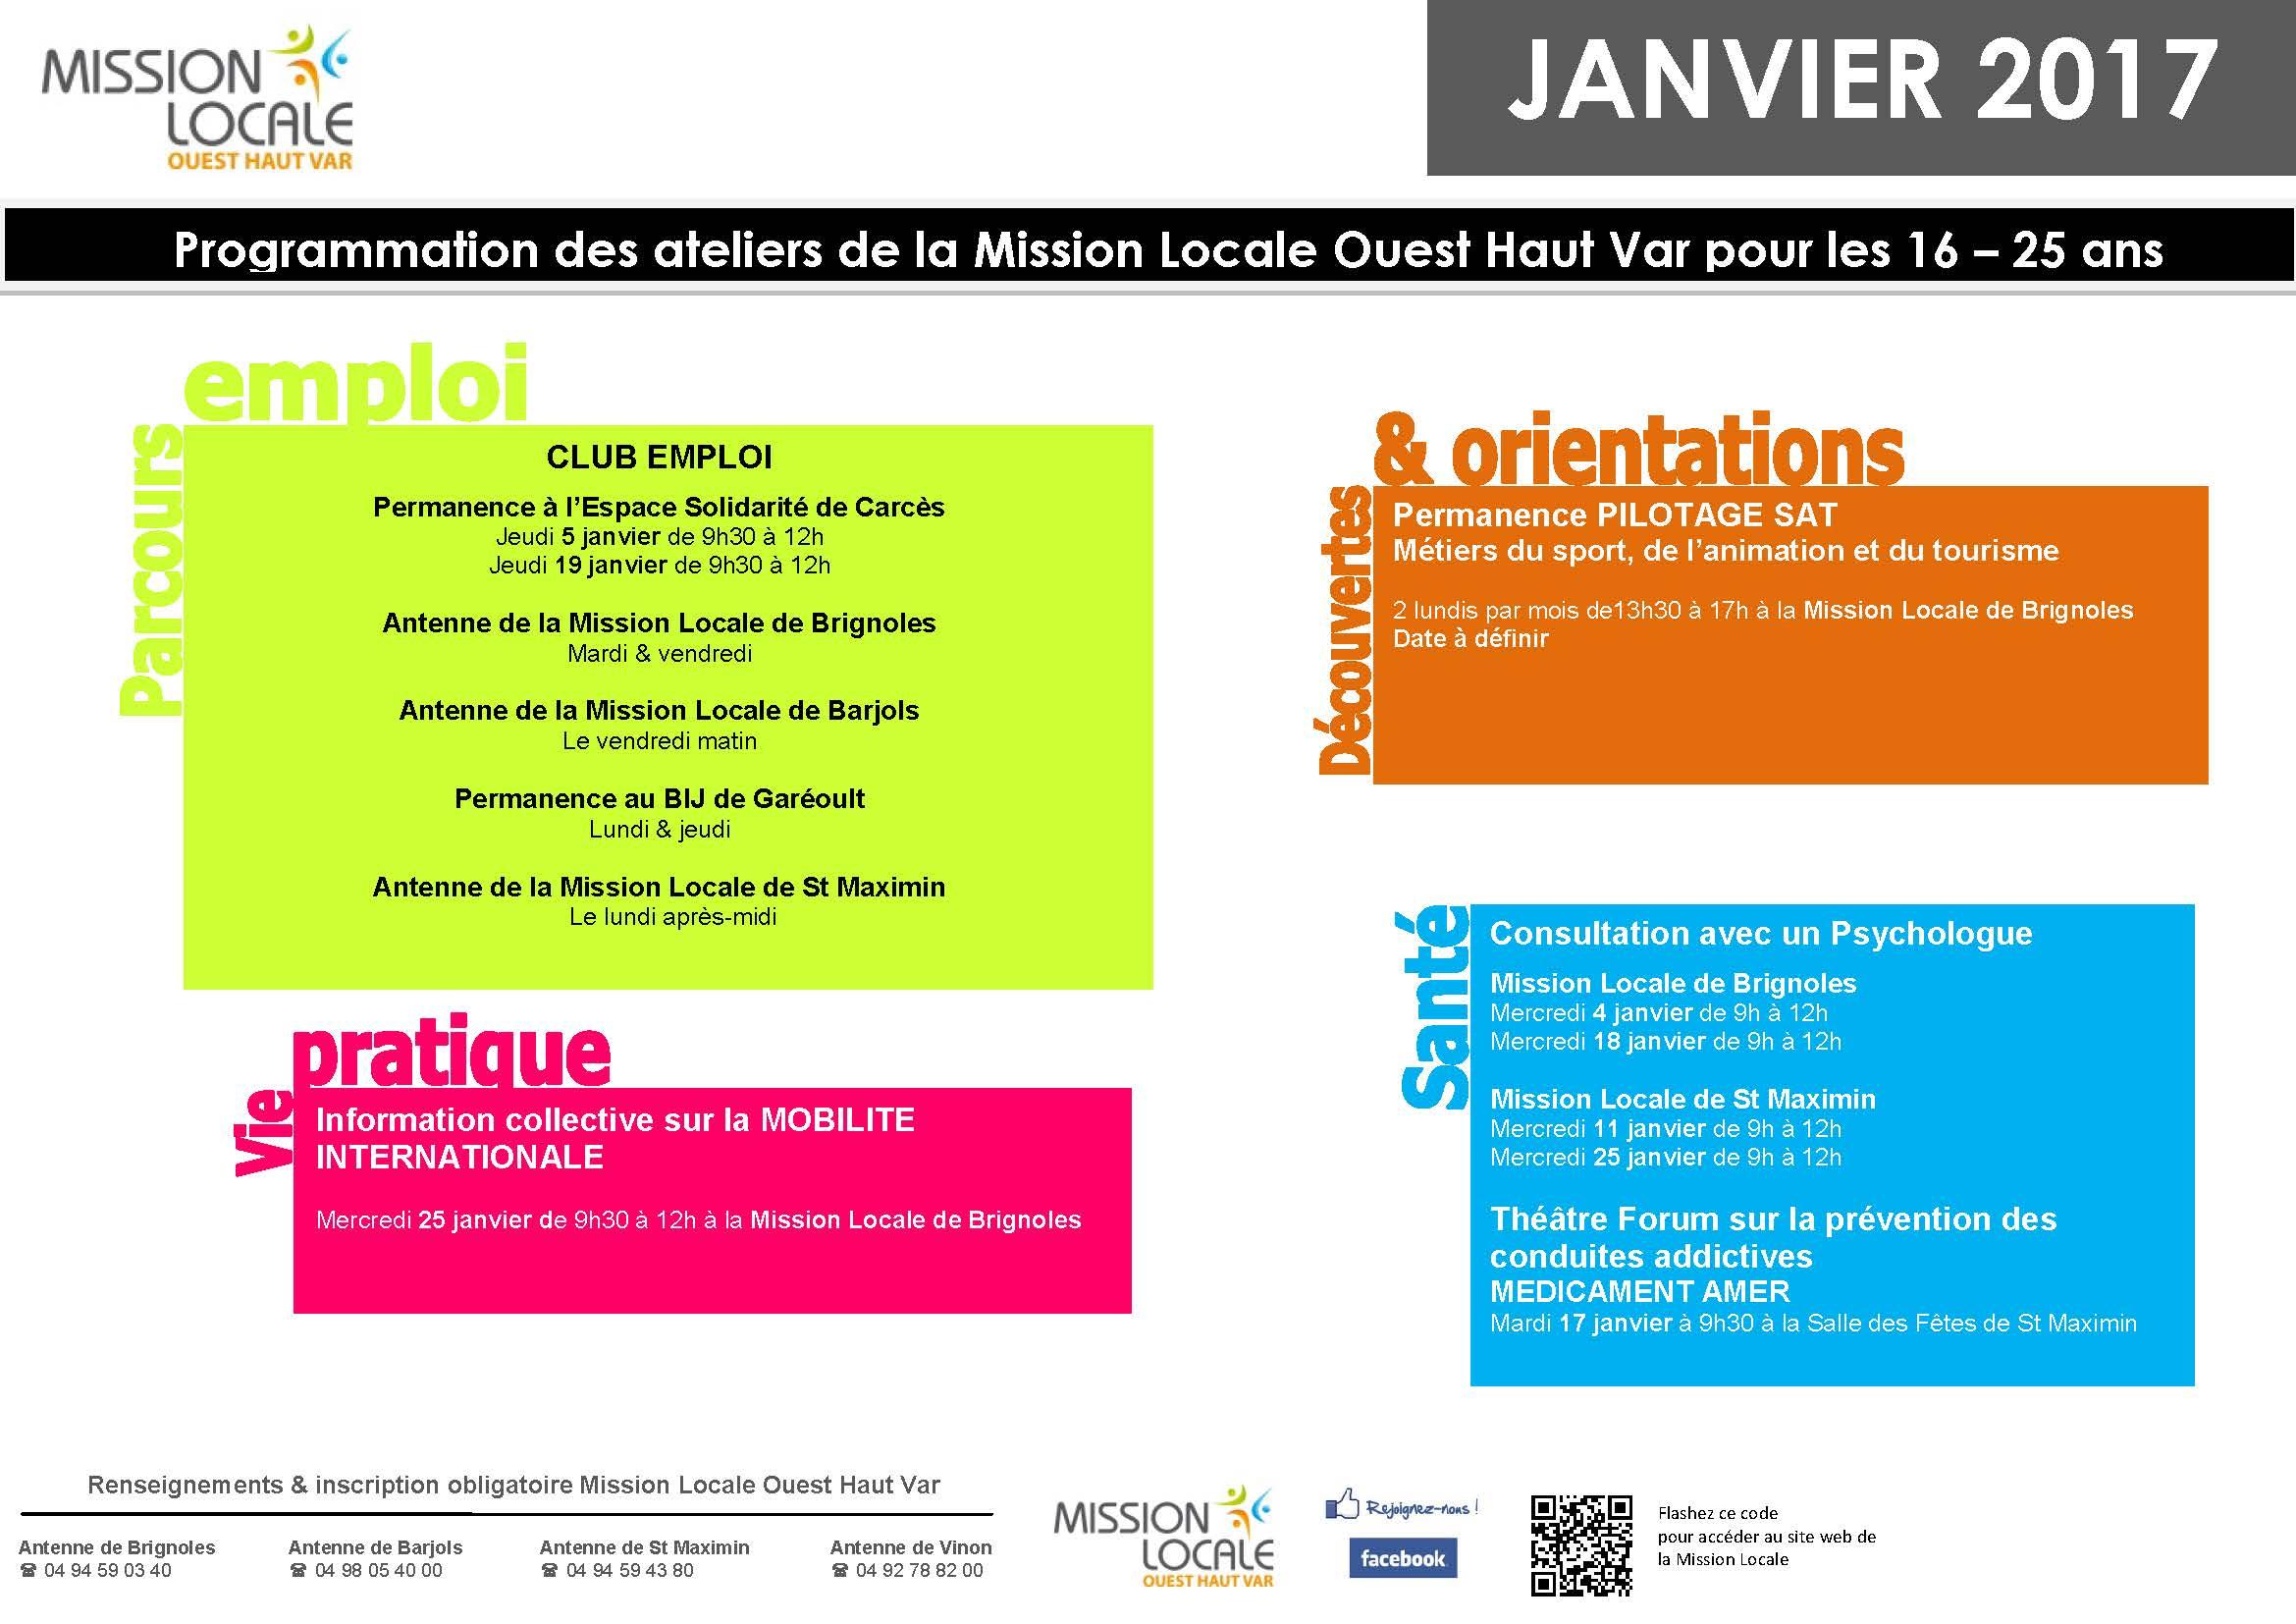 affiche-ateliers-mission-locale-janvier-2017